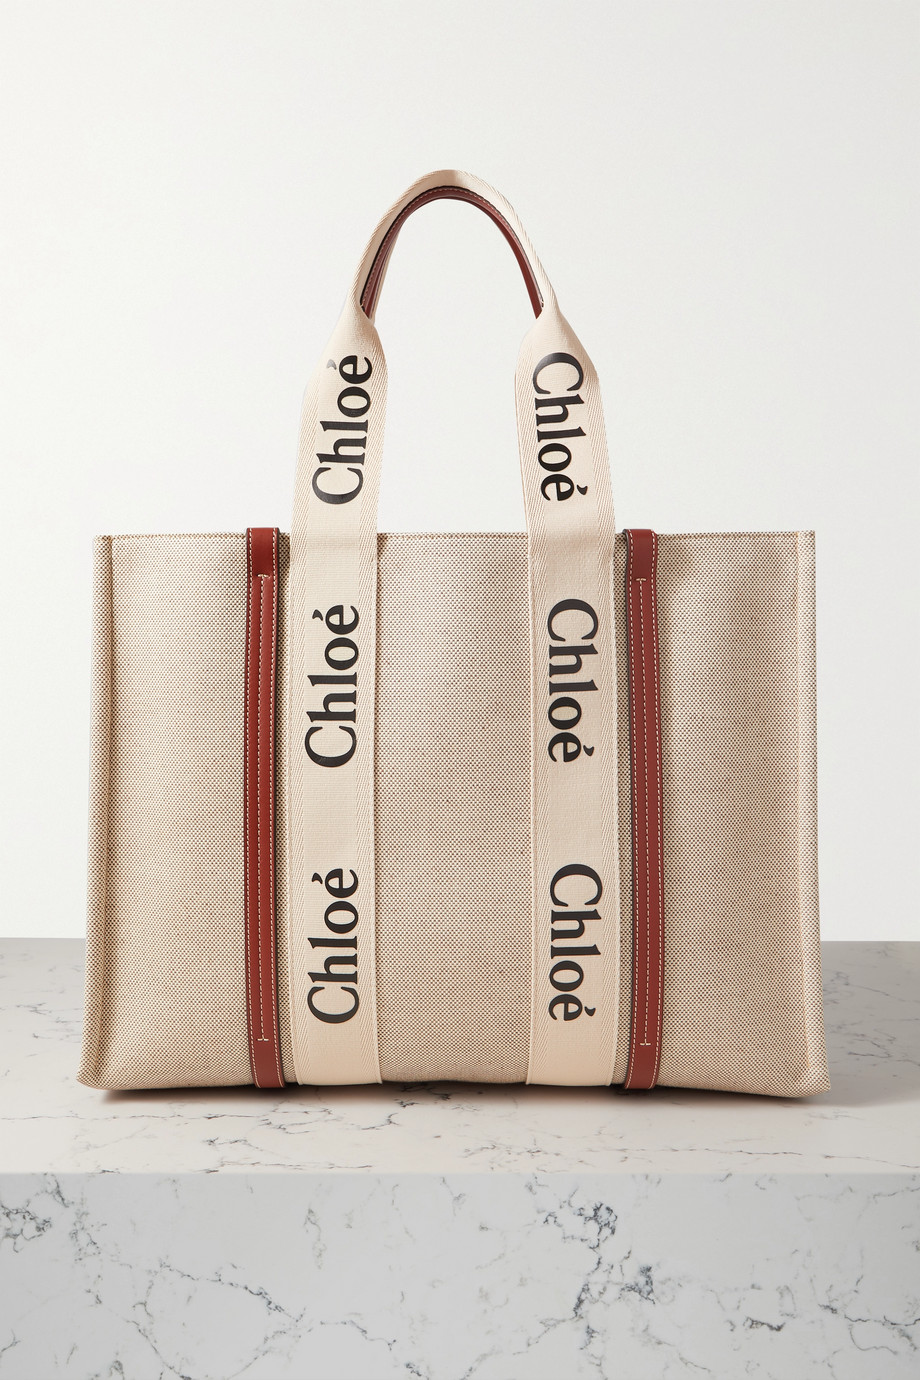 Best designer bags under $2000: Chloe Woody bag